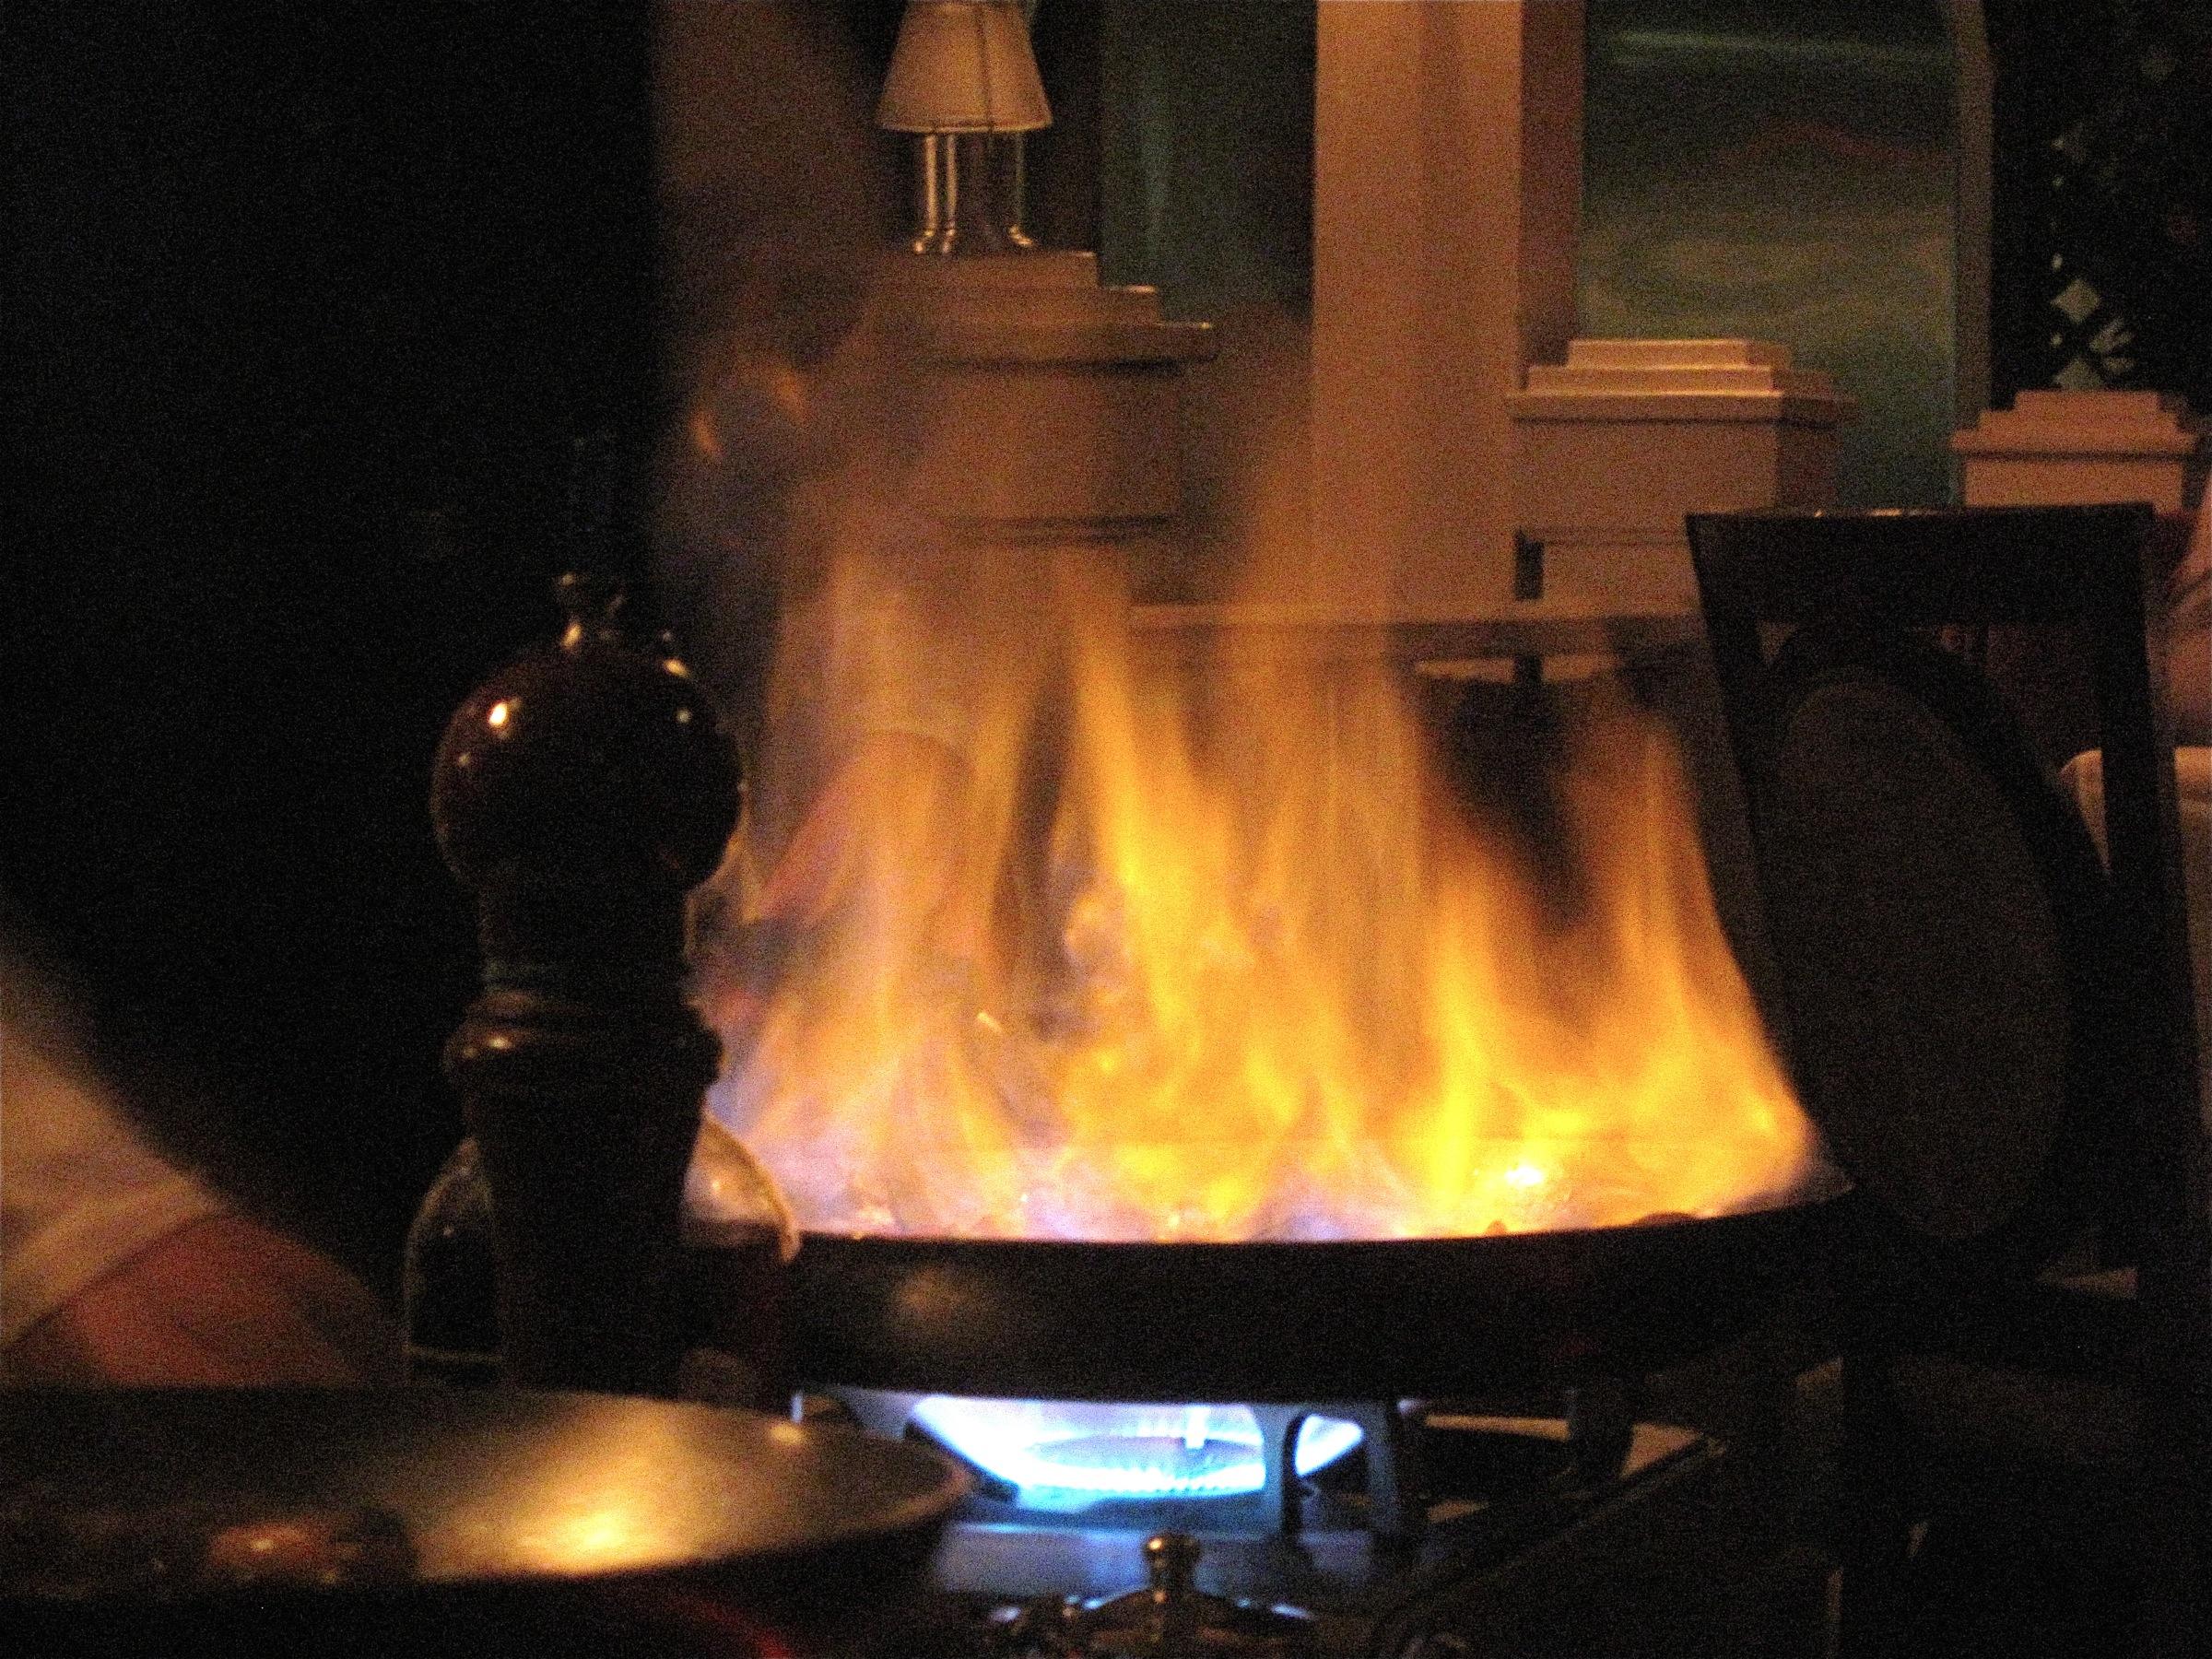 Flambé: Pan on Fire